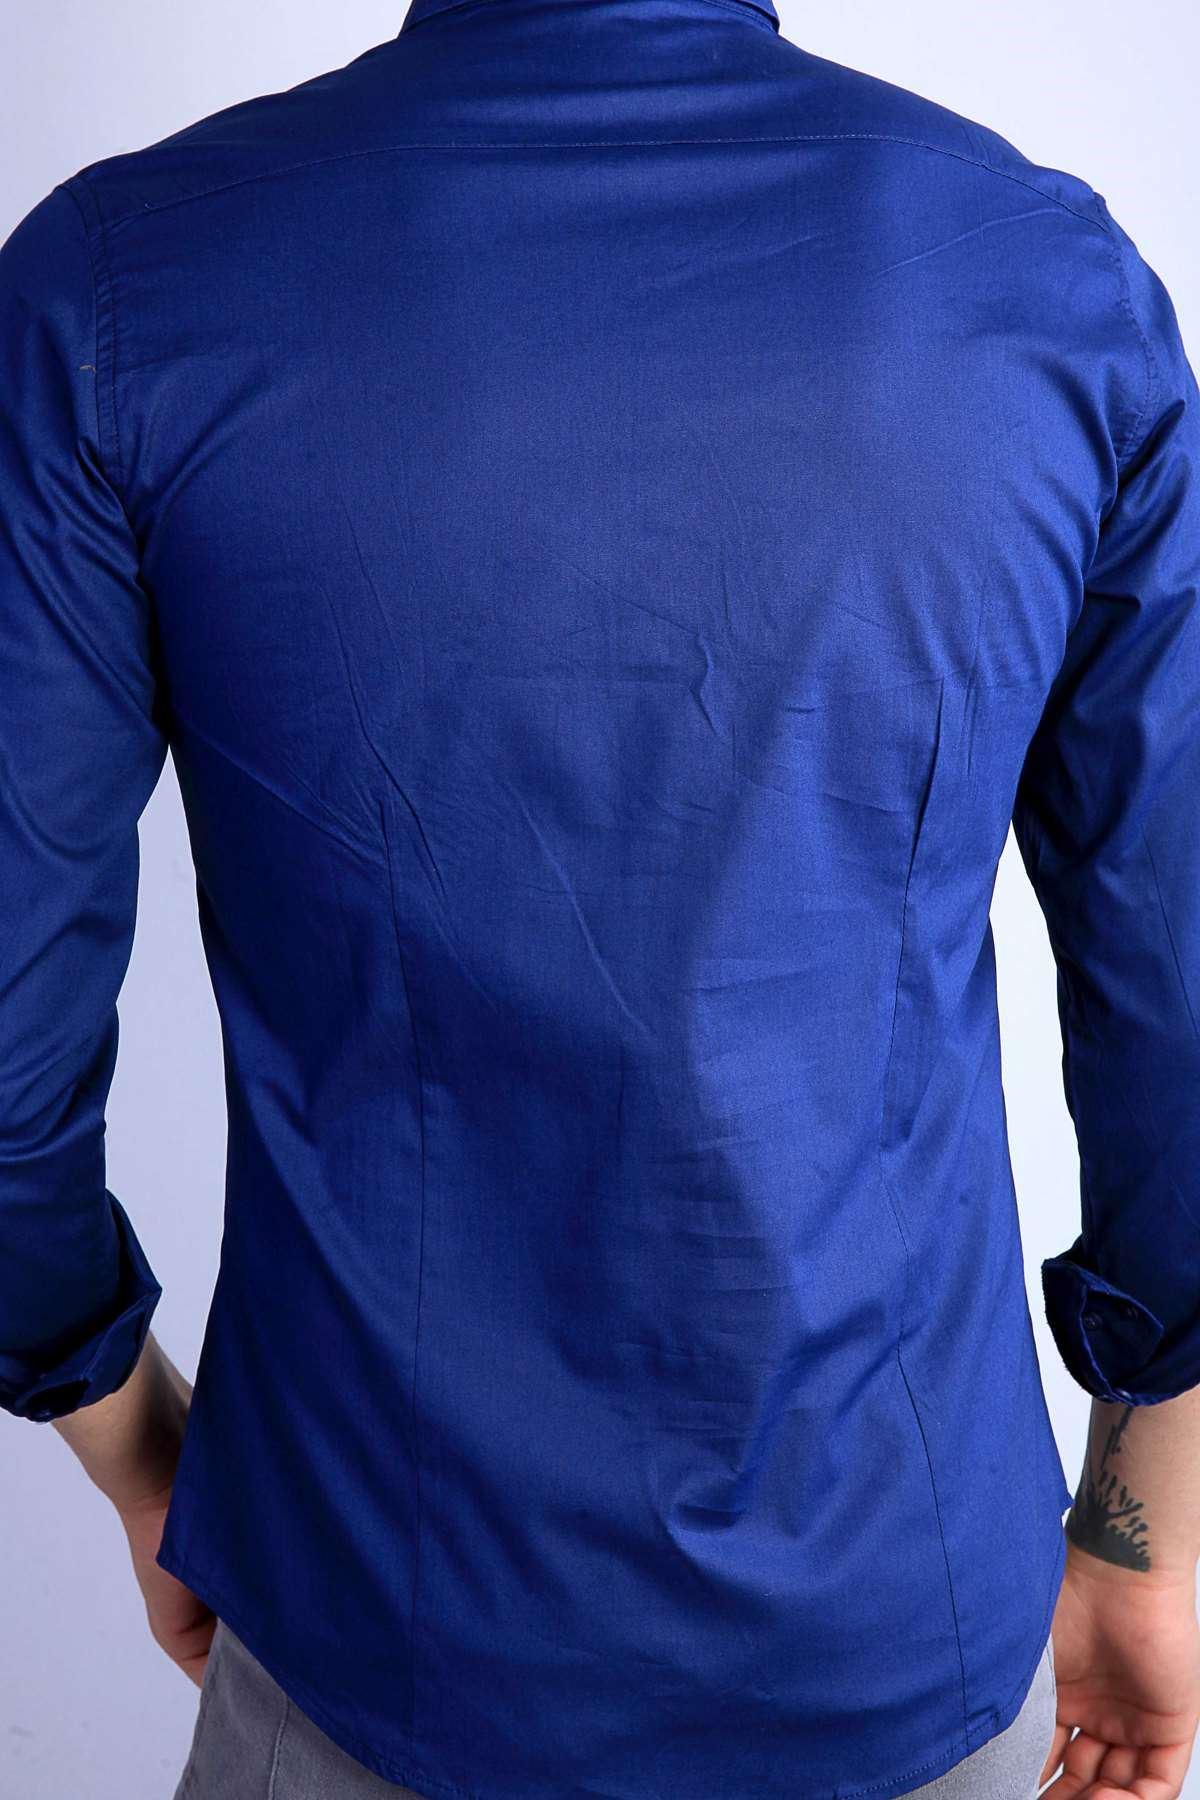 Önü Şeritli Darkness Yazılı Parlak Kumaş Slim Fit Gömlek Lacivert